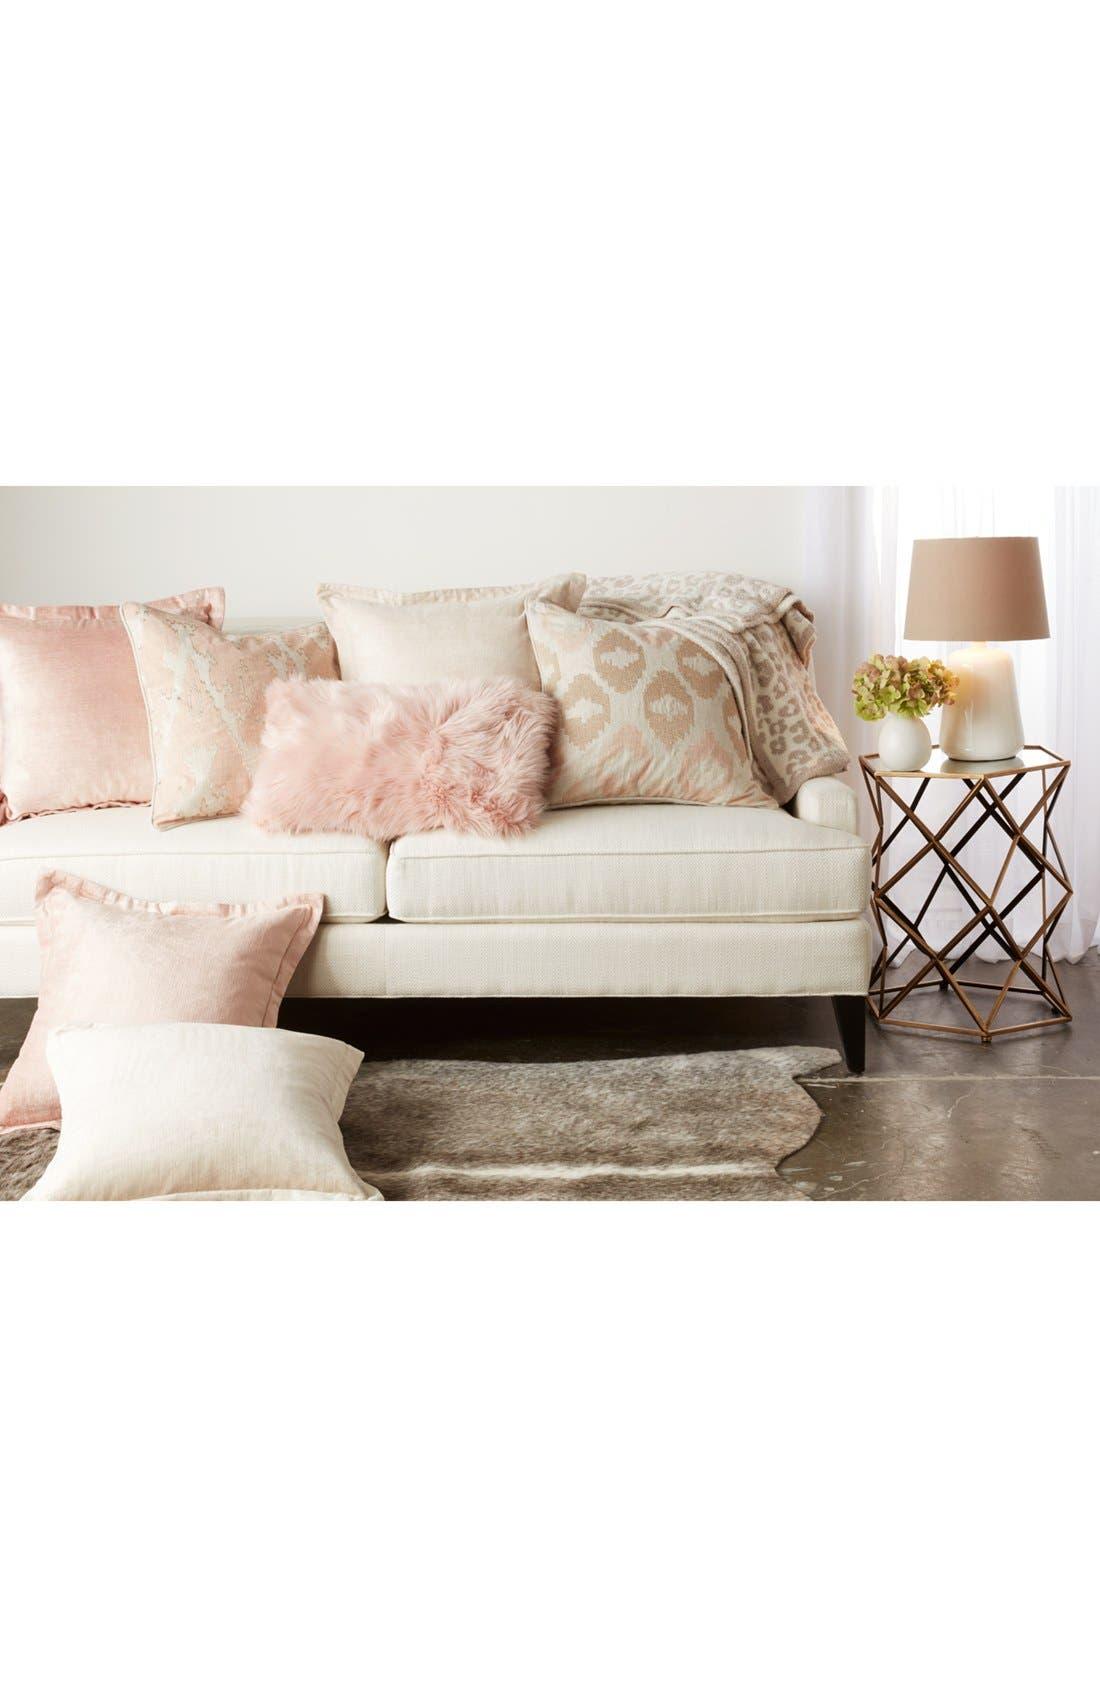 Alternate Image 3  - Mina Victory 'Sumptuous' Faux Fur Accent Pillow